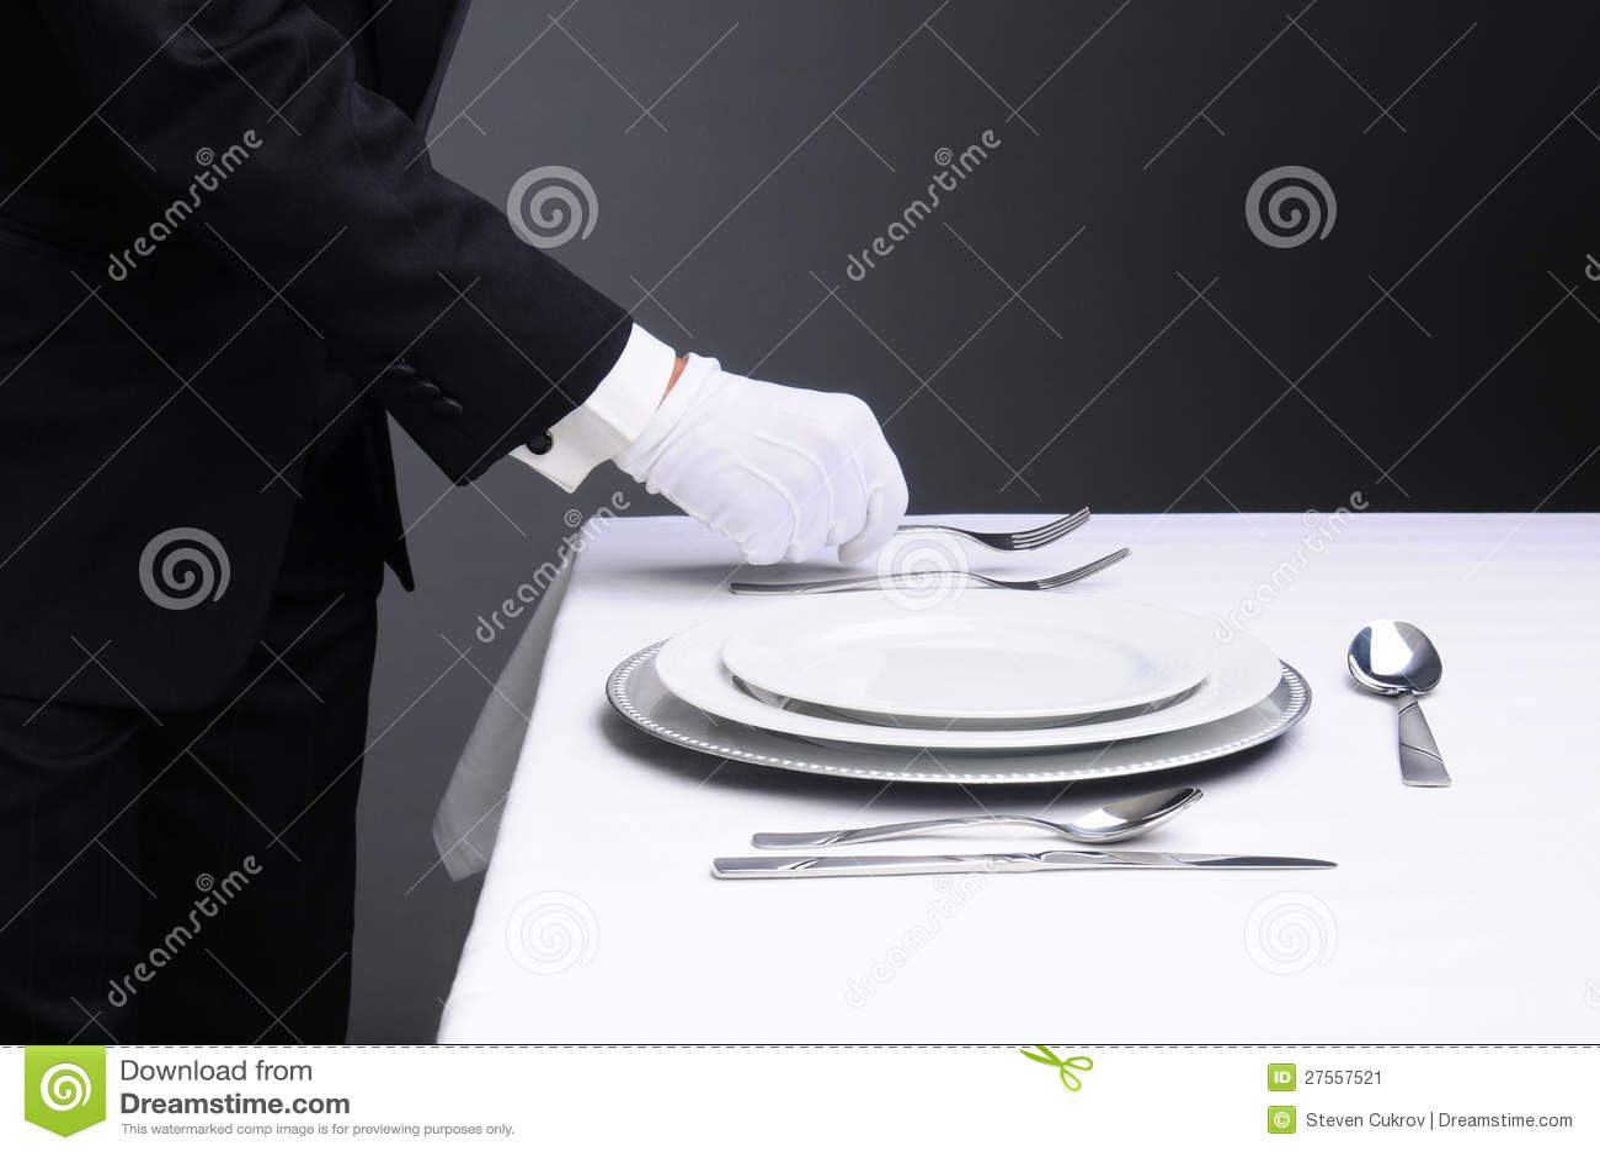 Formal Dinner Setting waiter setting formal dinner table stock image - image: 27557521